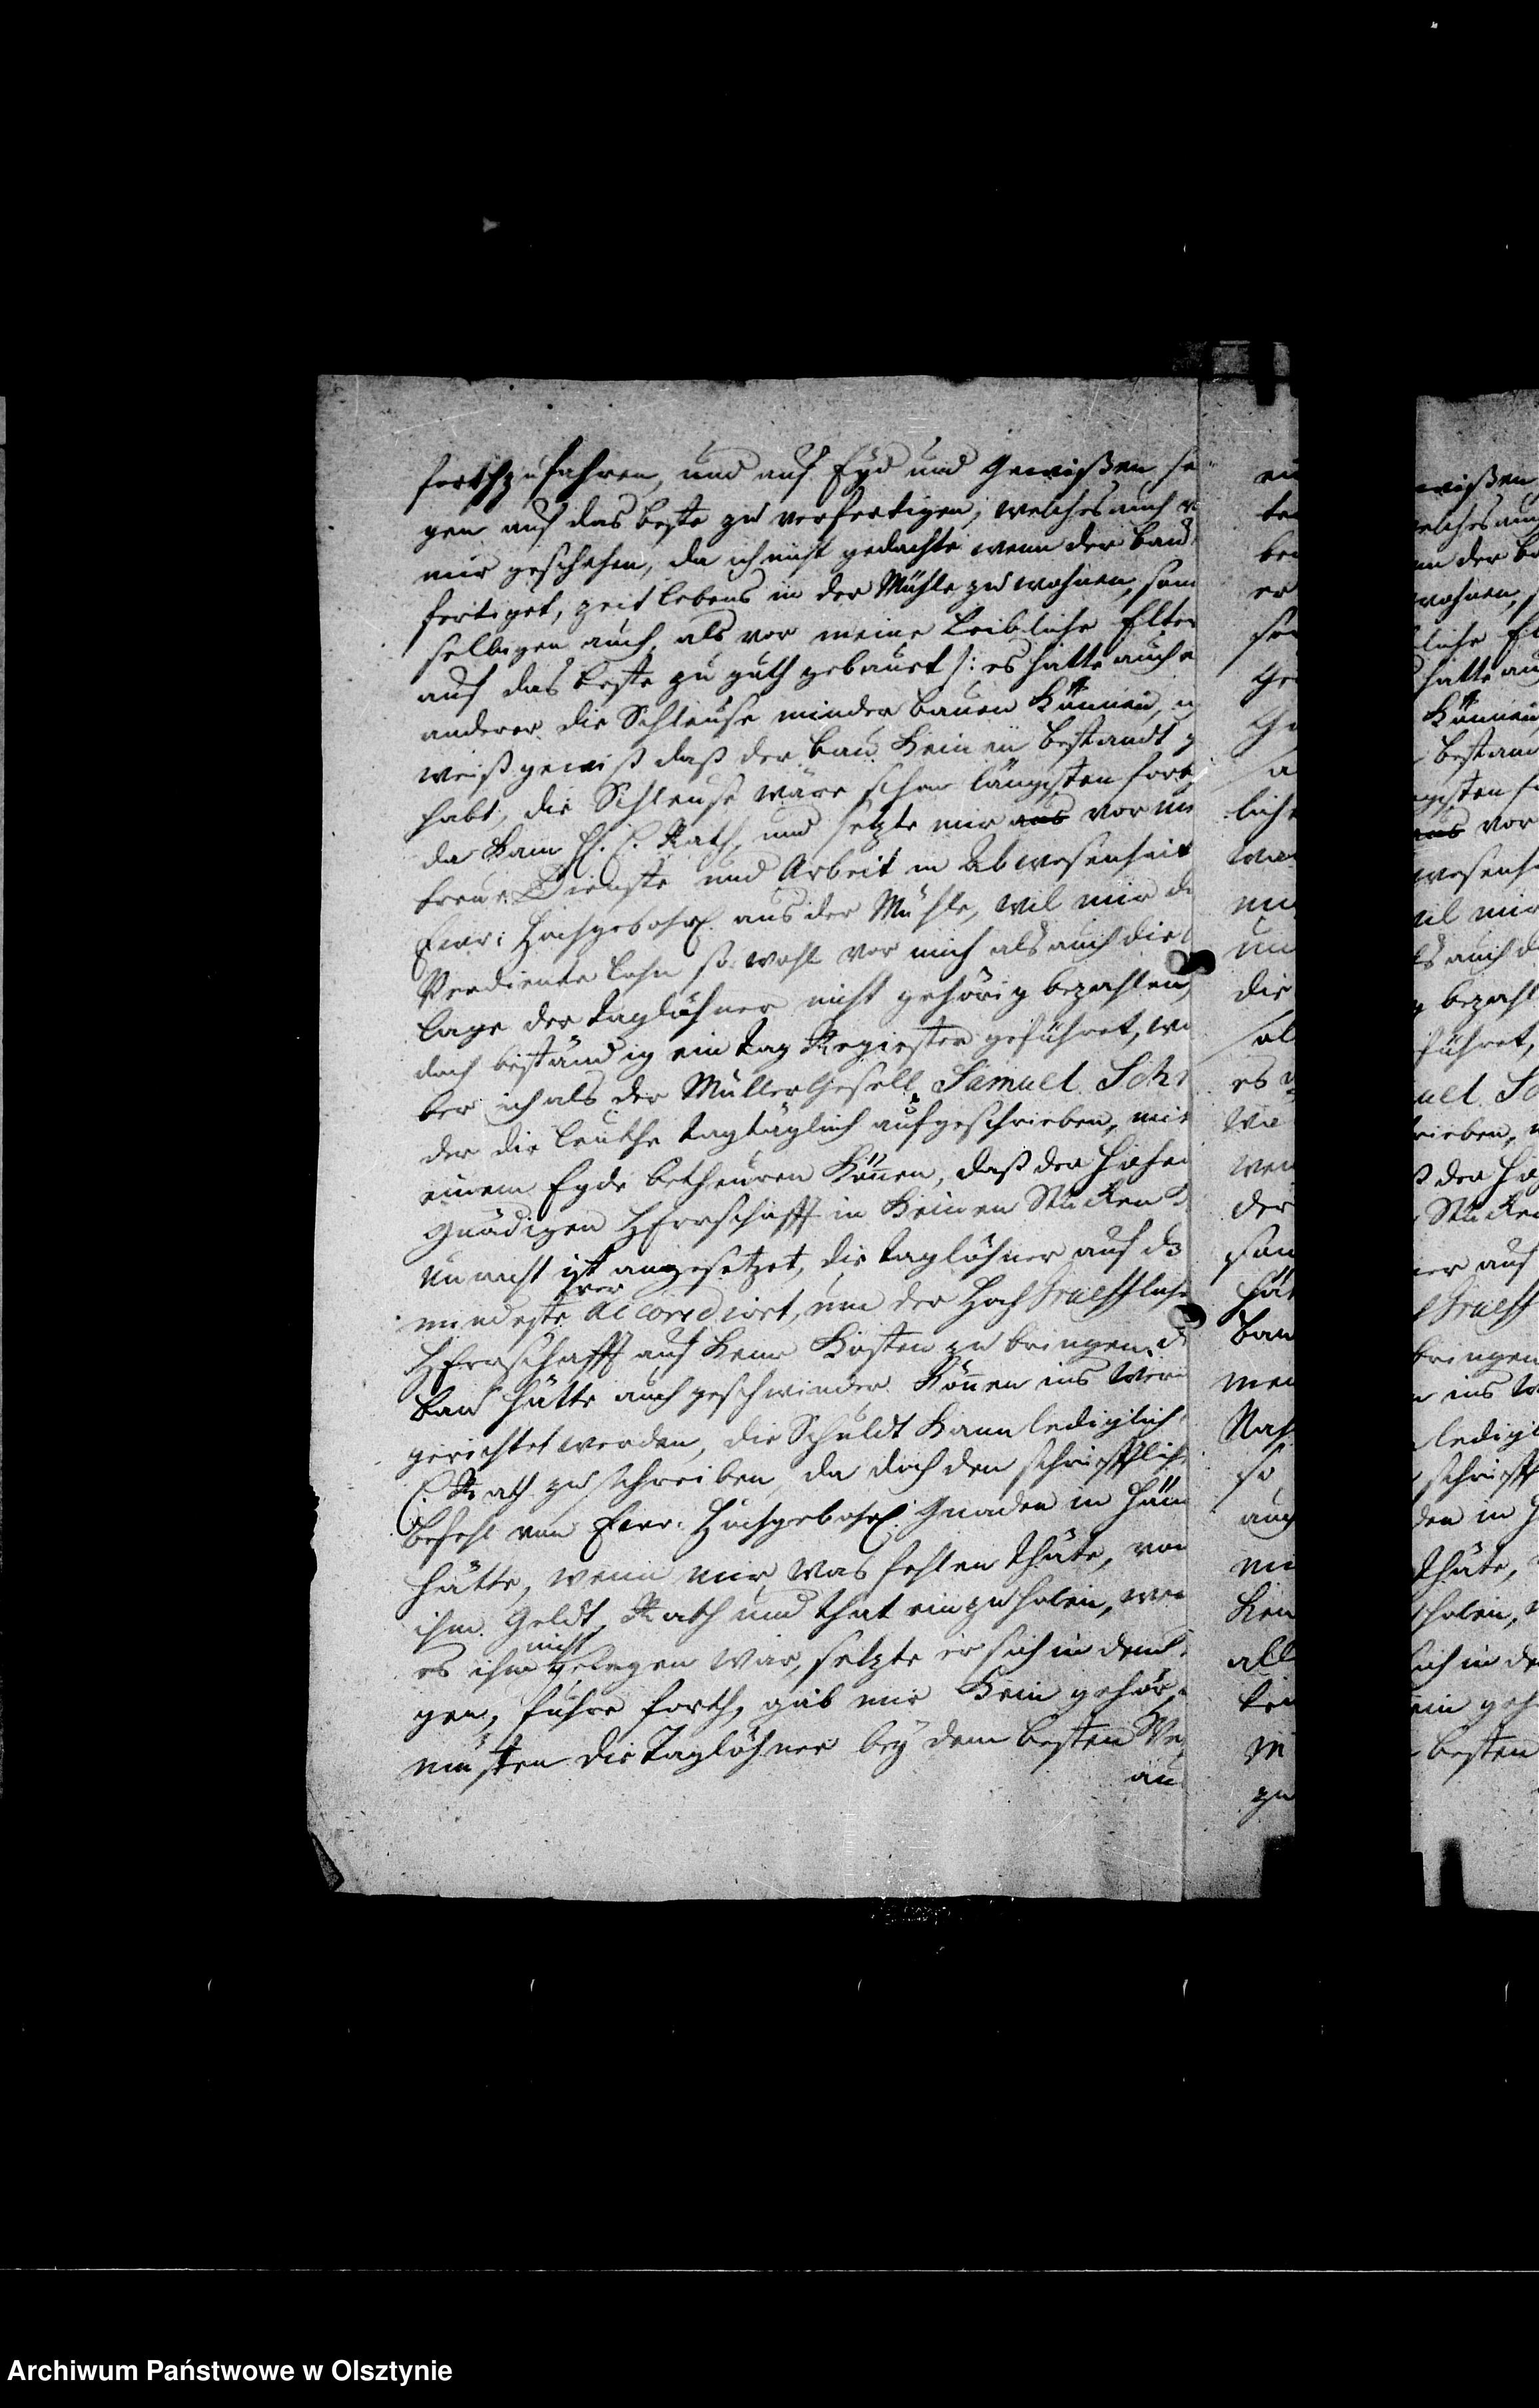 Skan z jednostki: /Geschäftsbriefe an den Kammerherrn Oberlandhofmeister Ahasver Heinrich Gf. Lehndorff/